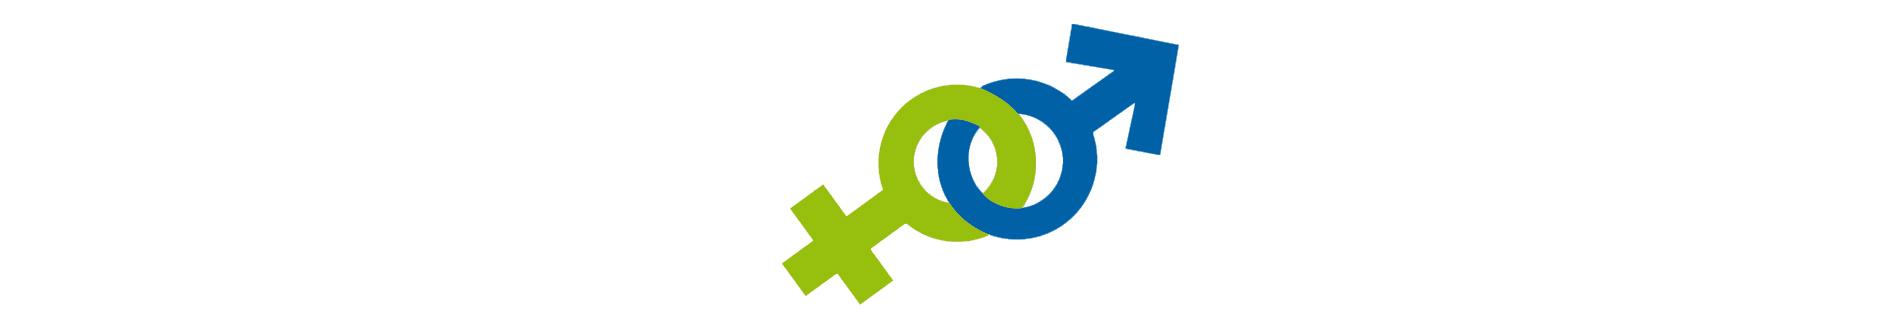 L'index égalité homme femme Apa Compétences